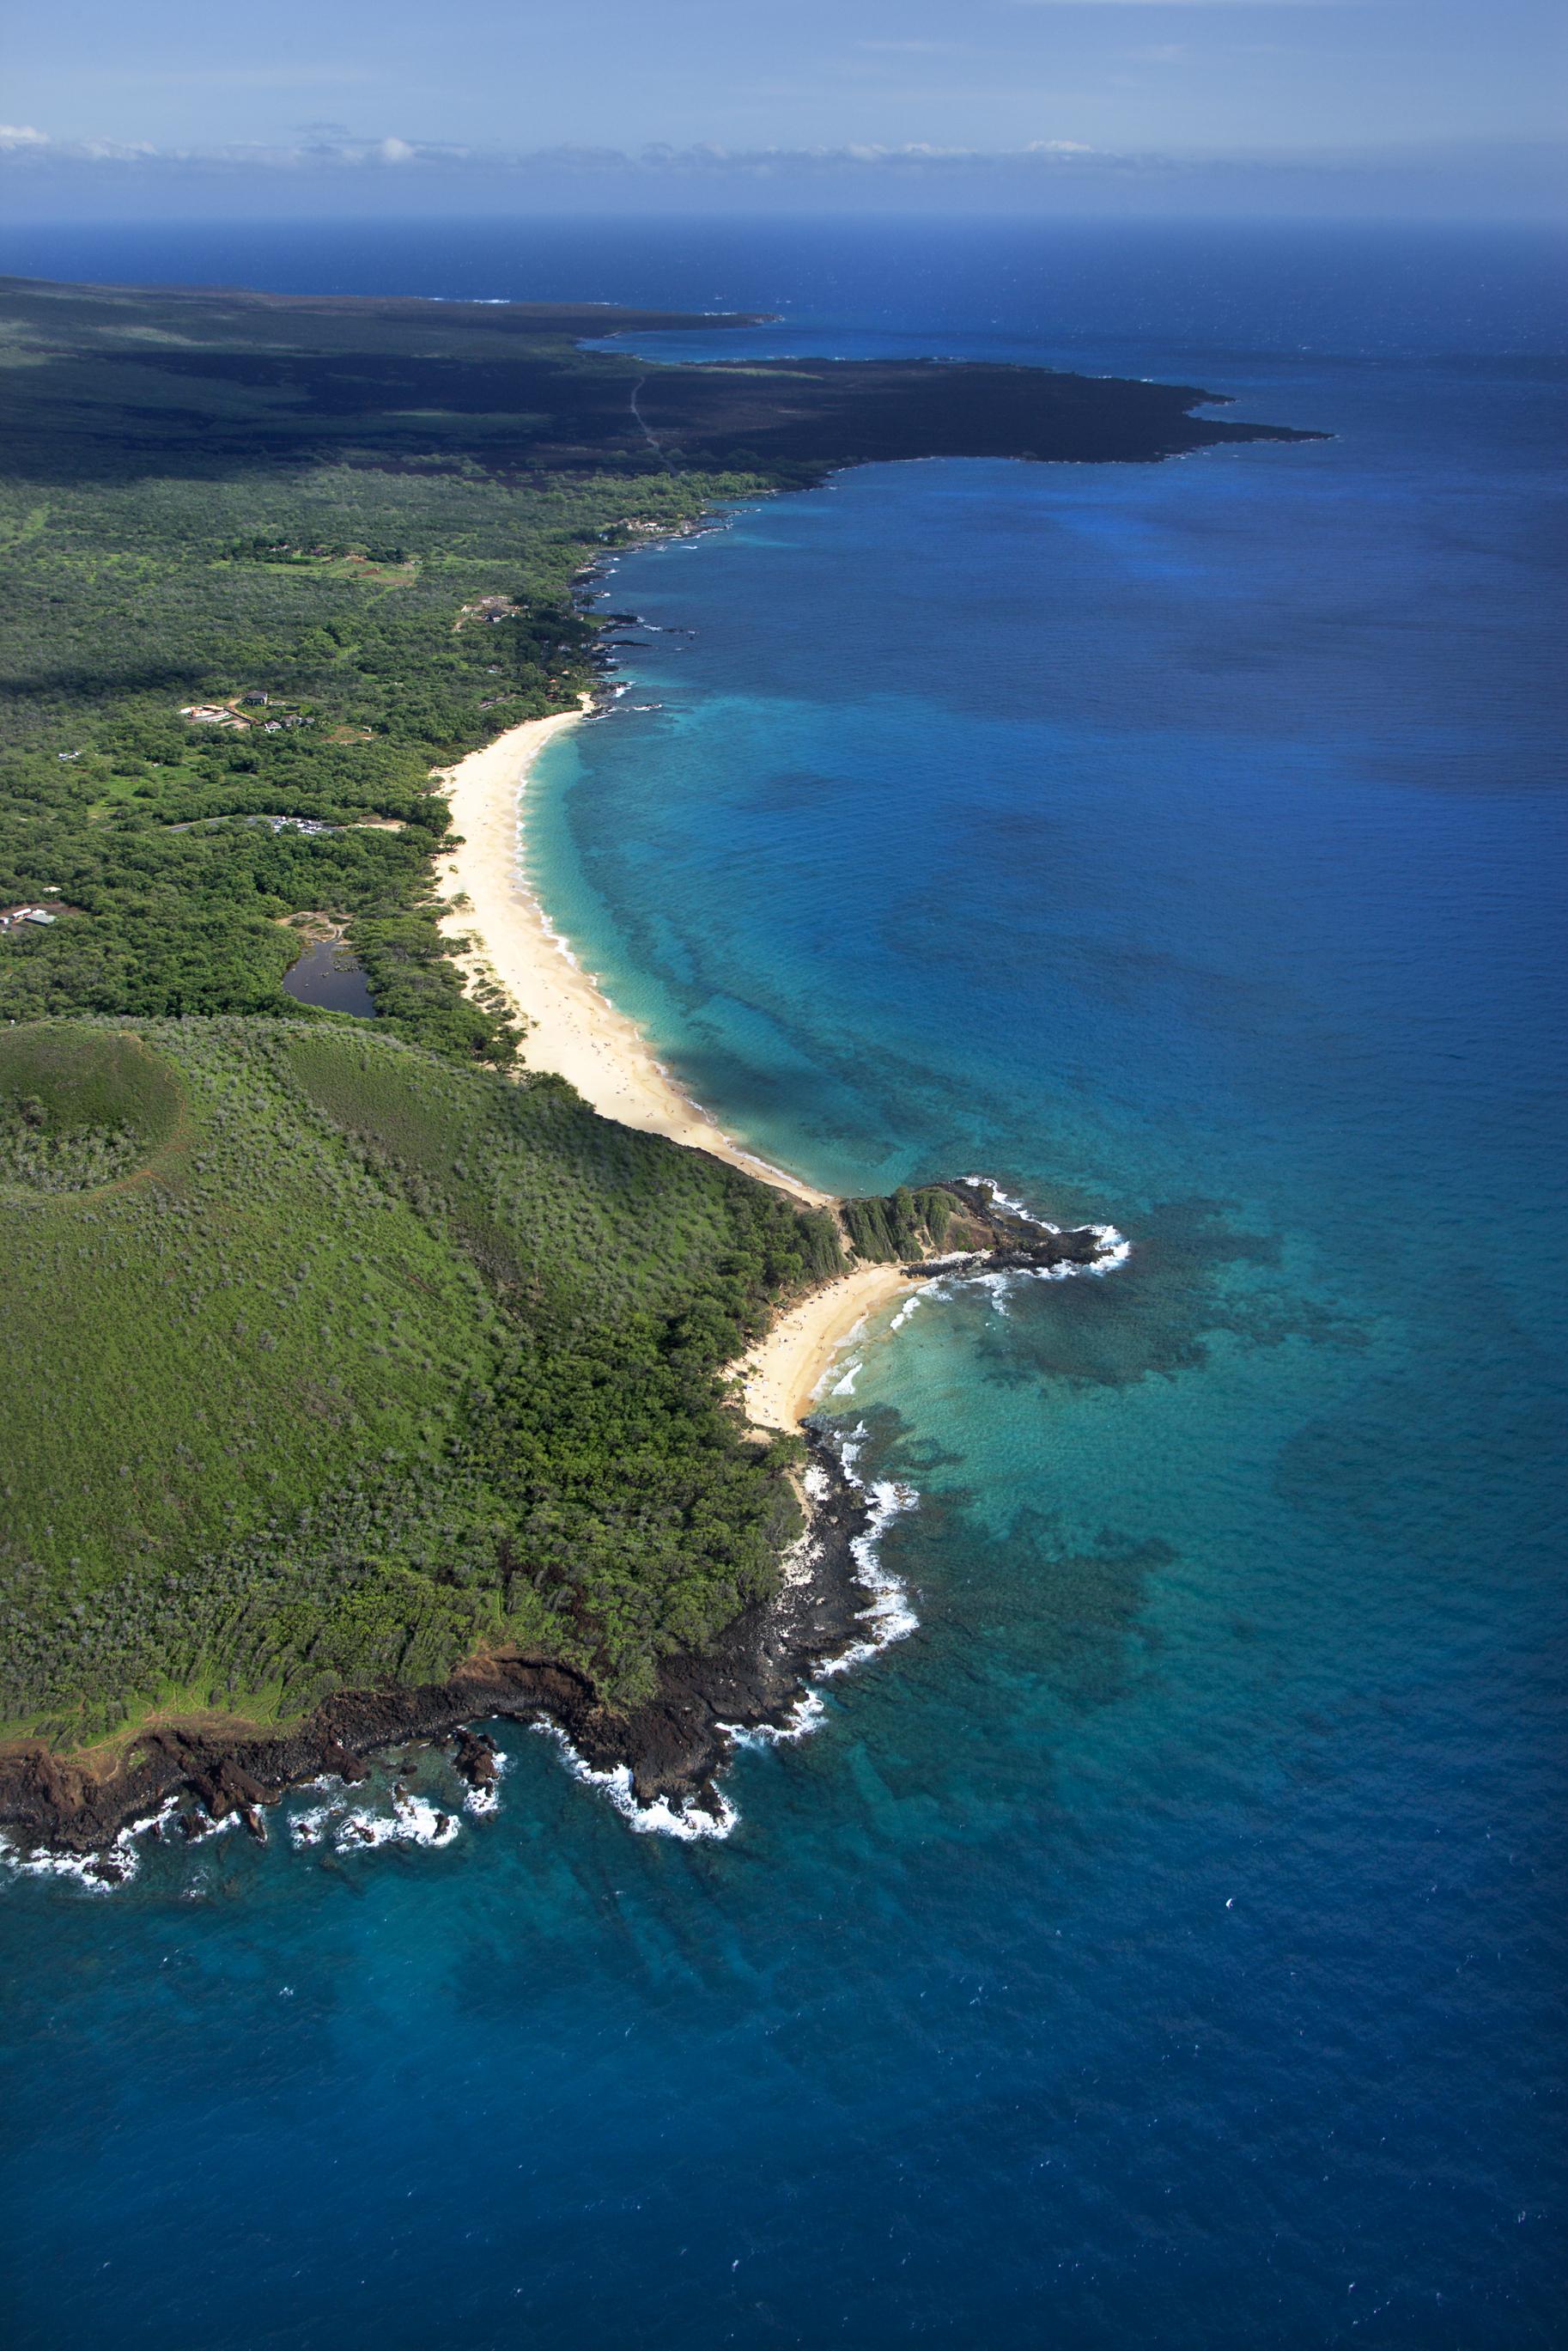 Maui pic images 98